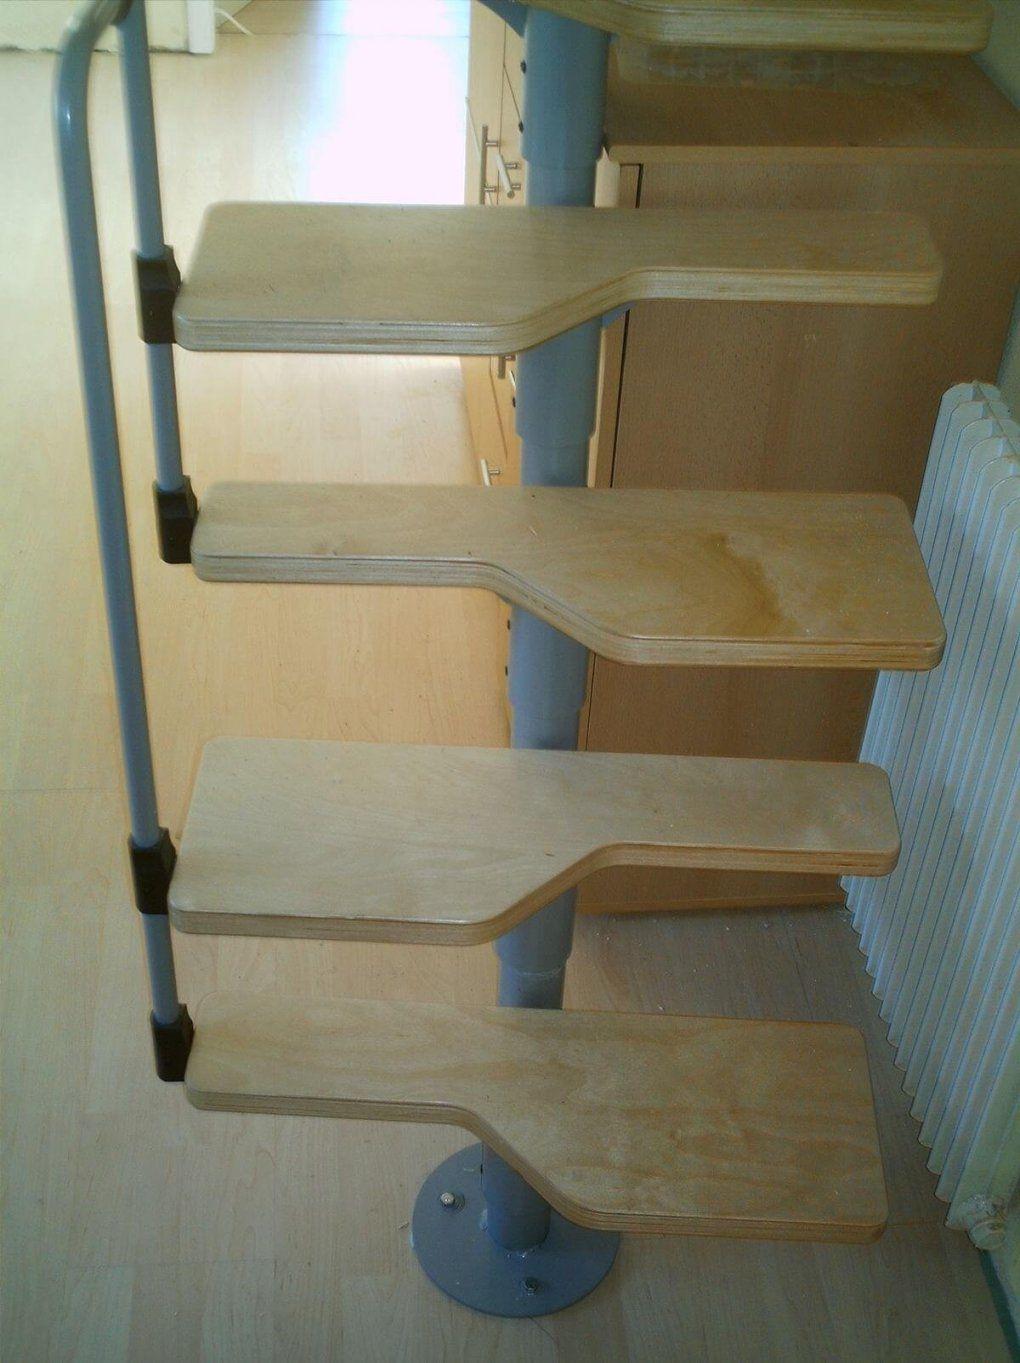 Elegant Treppe Selber Bauen Luxus Regal Selber Bauen Swappingtons von Regal Treppe Selber Bauen Bild